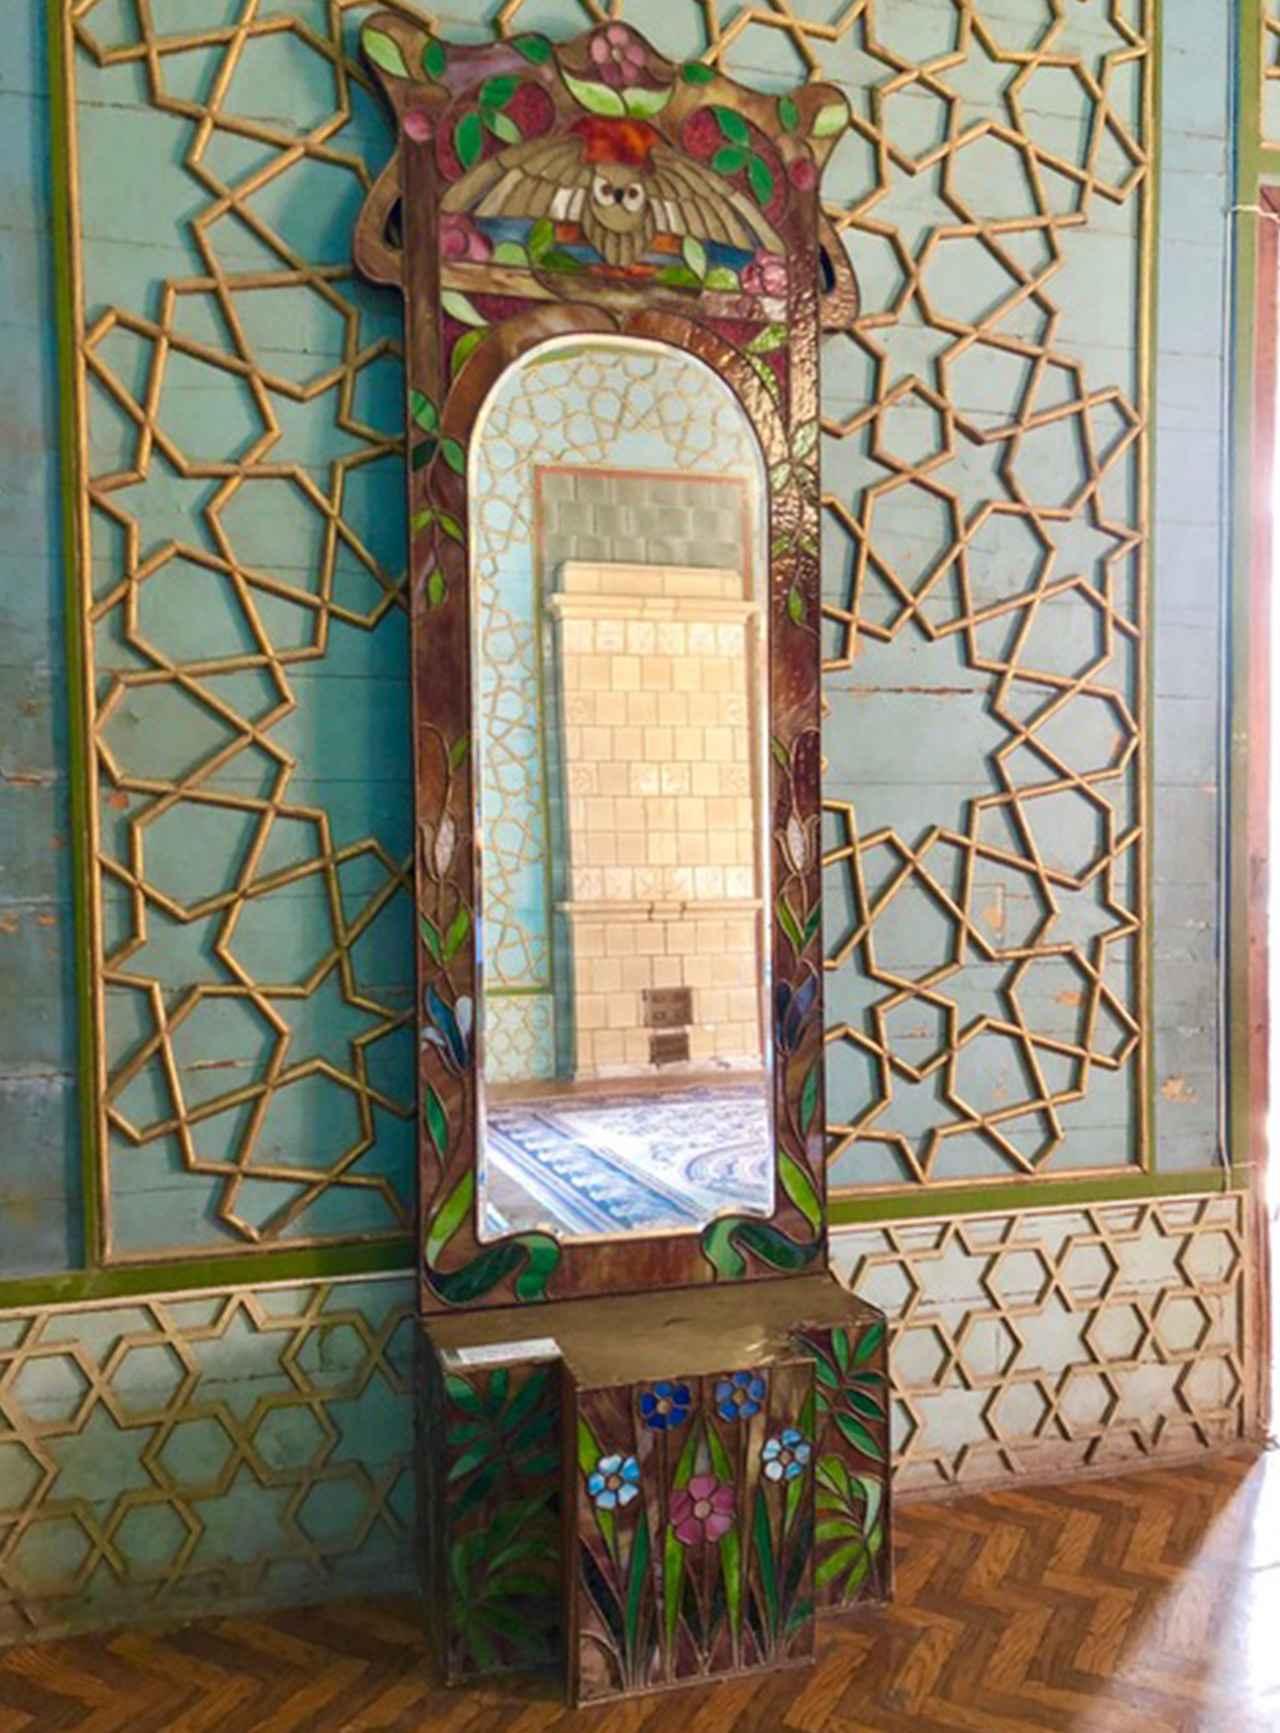 Images : アールヌーボー調のステンドグラスが施された鏡